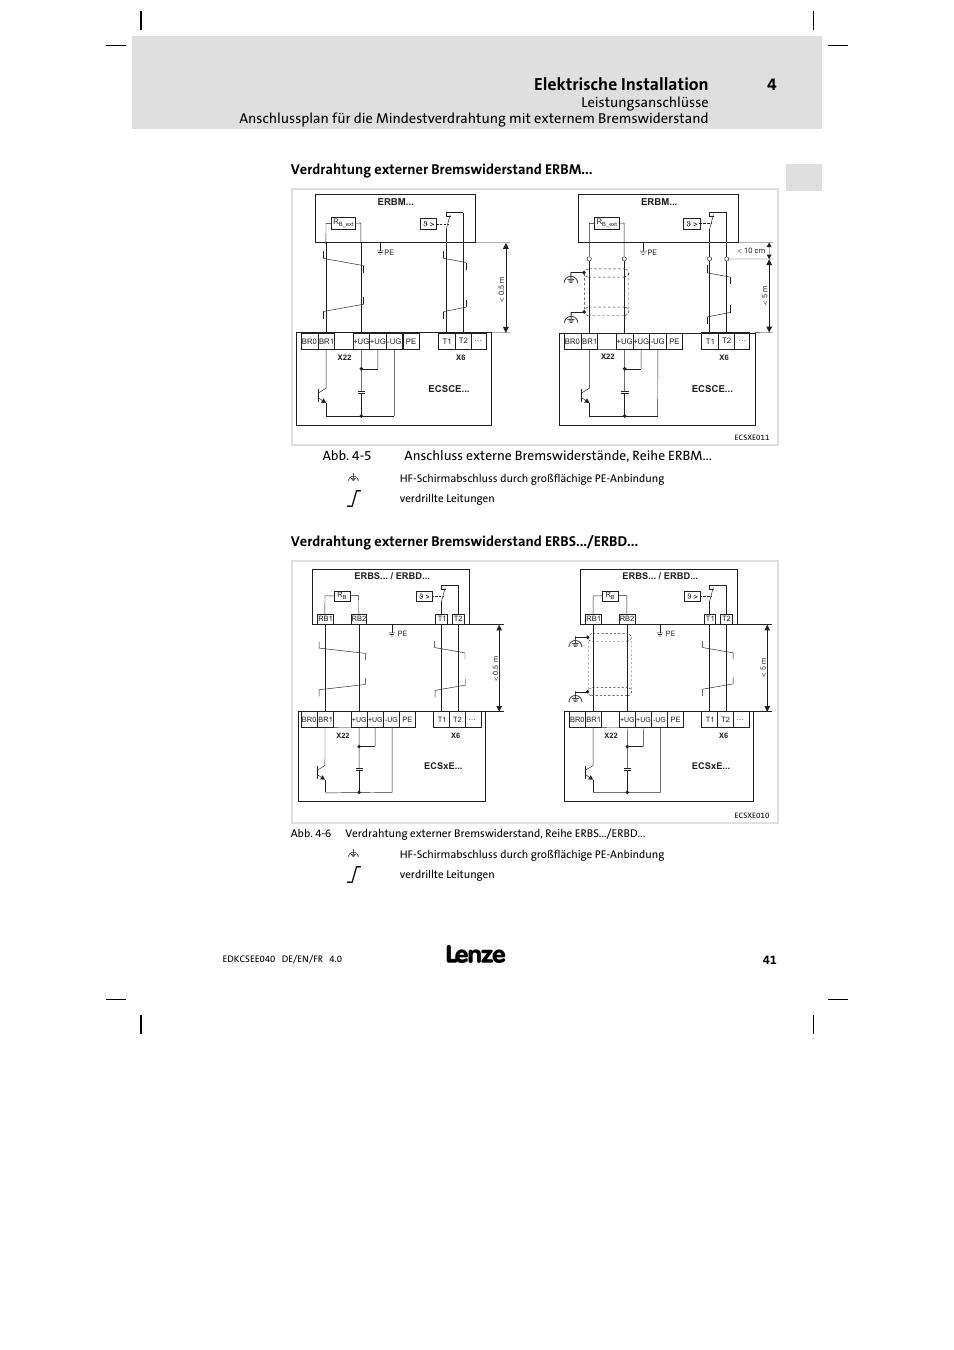 Elektrische installation, Verdrahtung externer bremswiderstand erbm ...